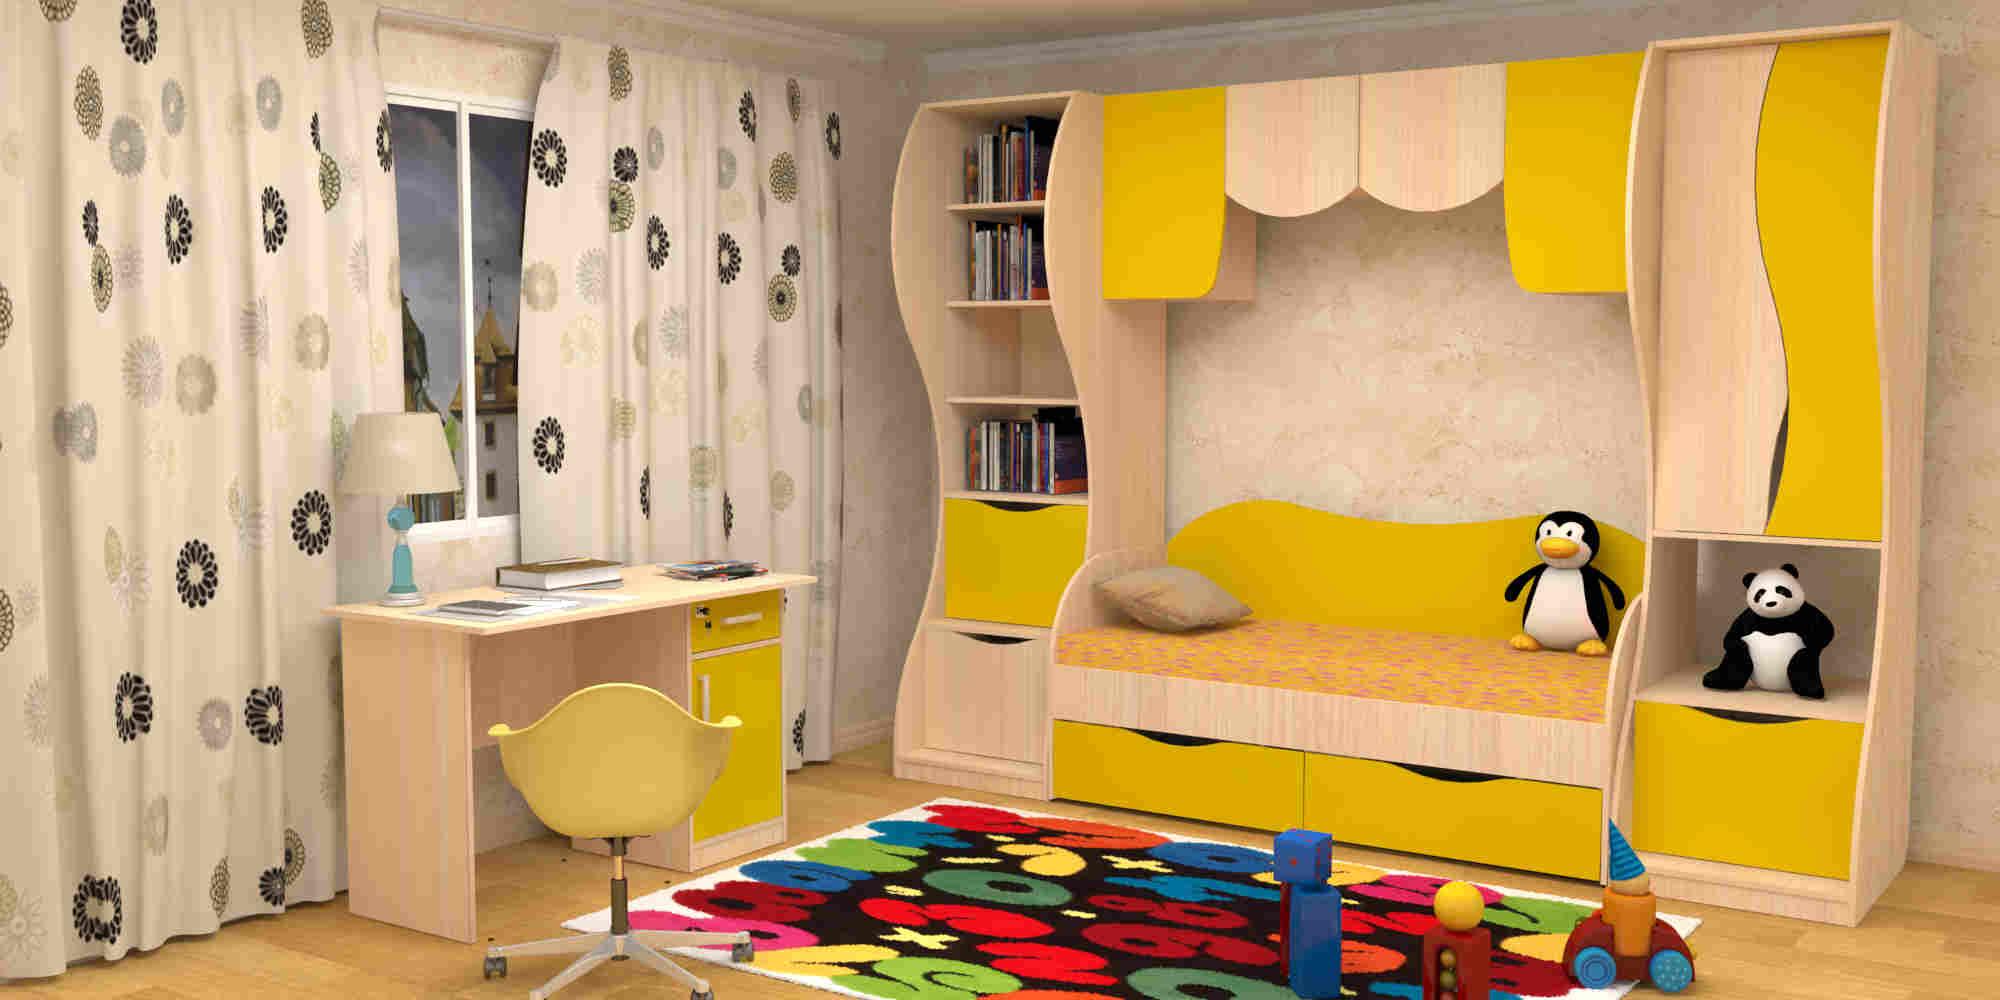 """Купить набор мебели для детской """"простоквашино"""" недорого в а."""